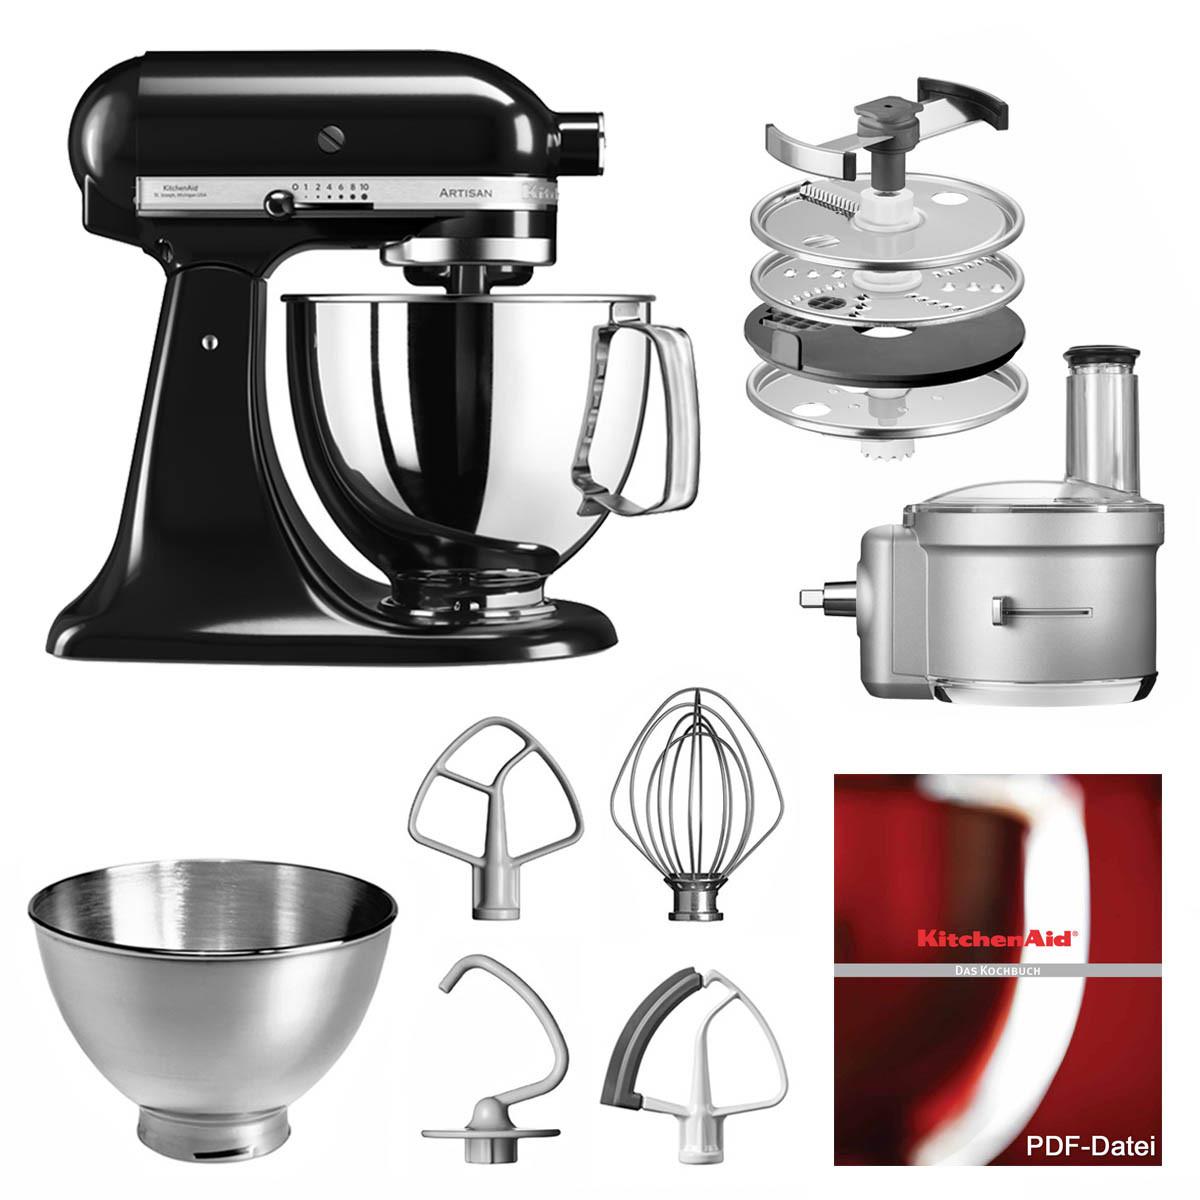 KitchenAid Küchenmaschine 175PS Foodprocessor Set onyx schwarz